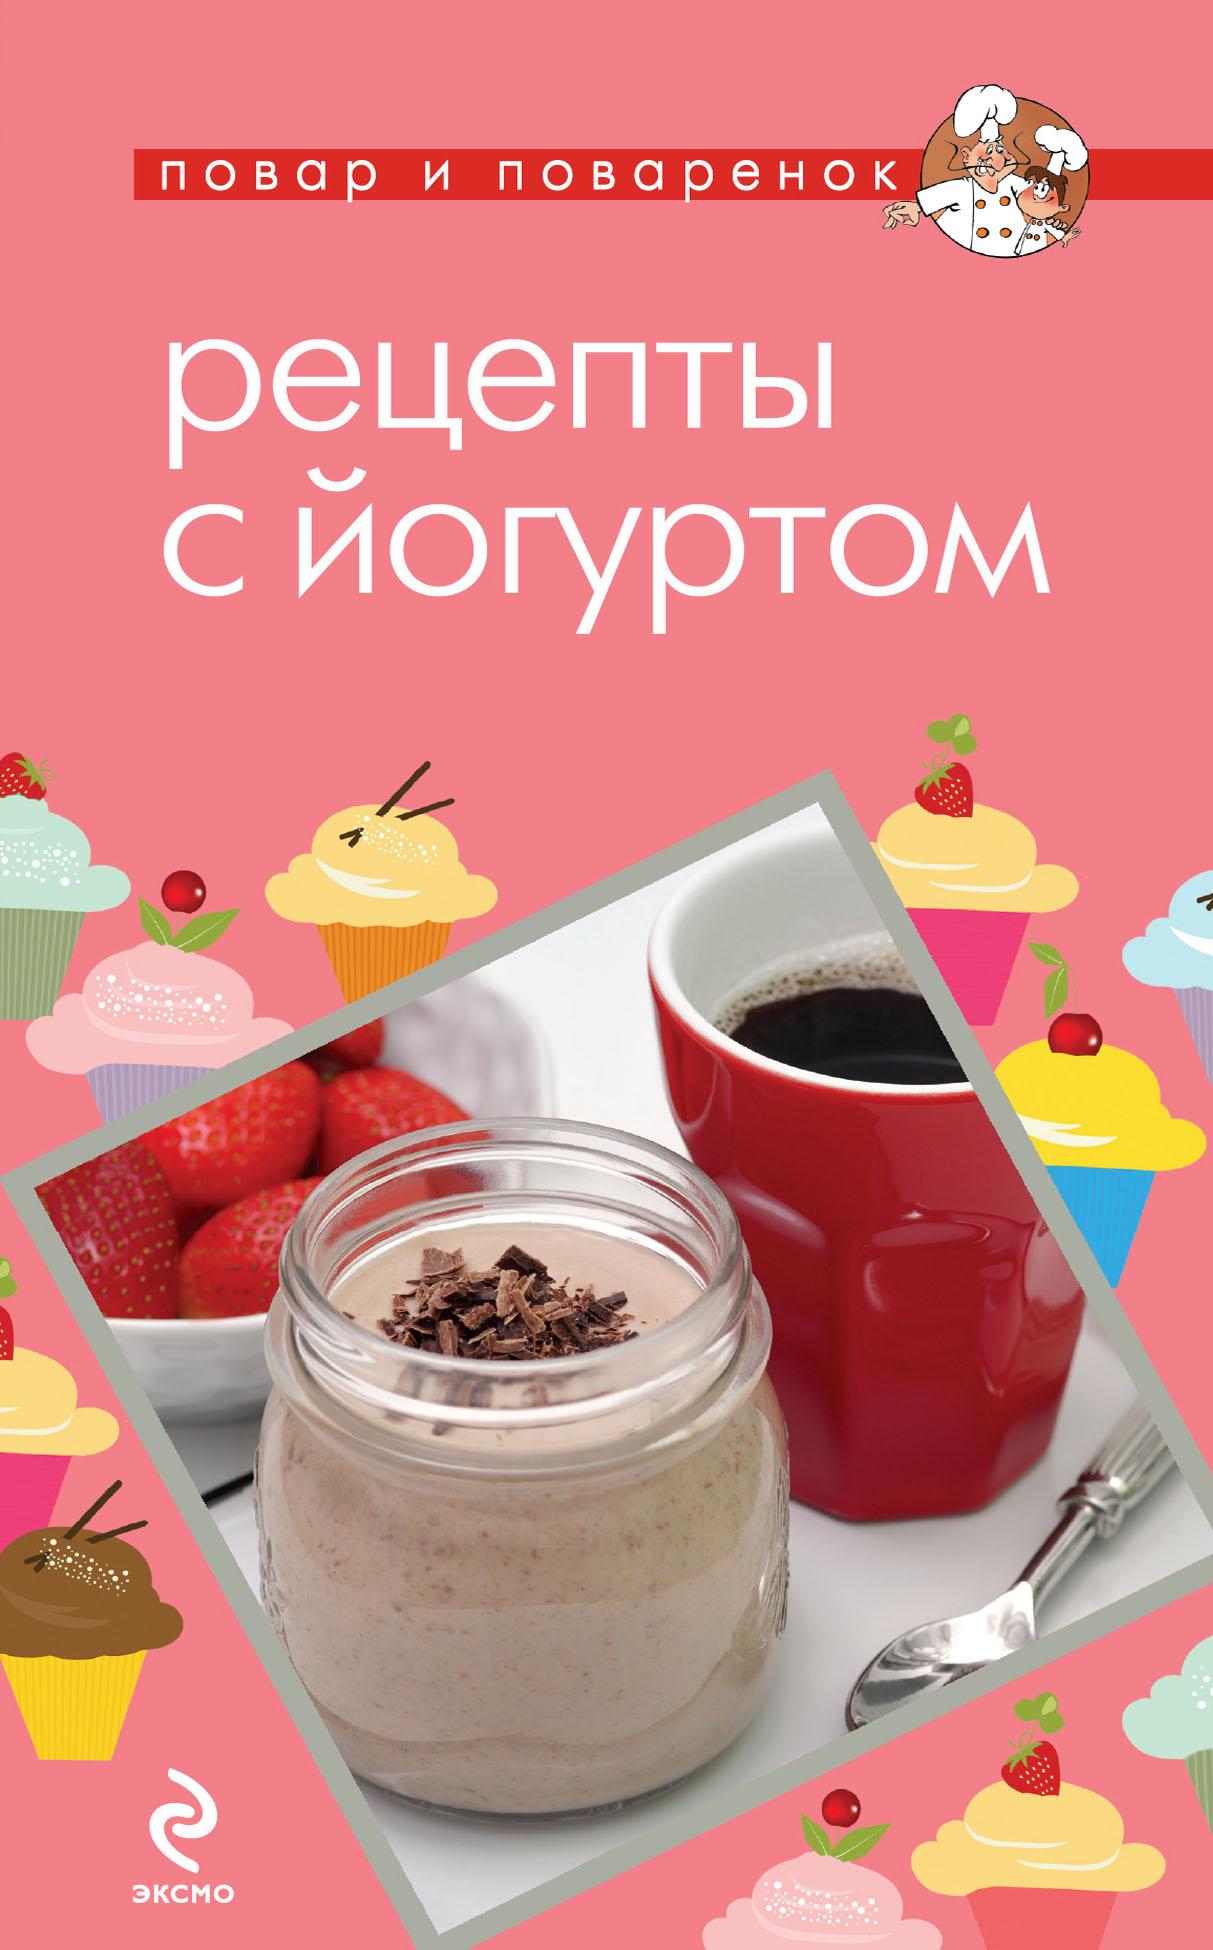 Отсутствует Рецепты с йогуртом сыр карлов двор с ароматом топленого молока